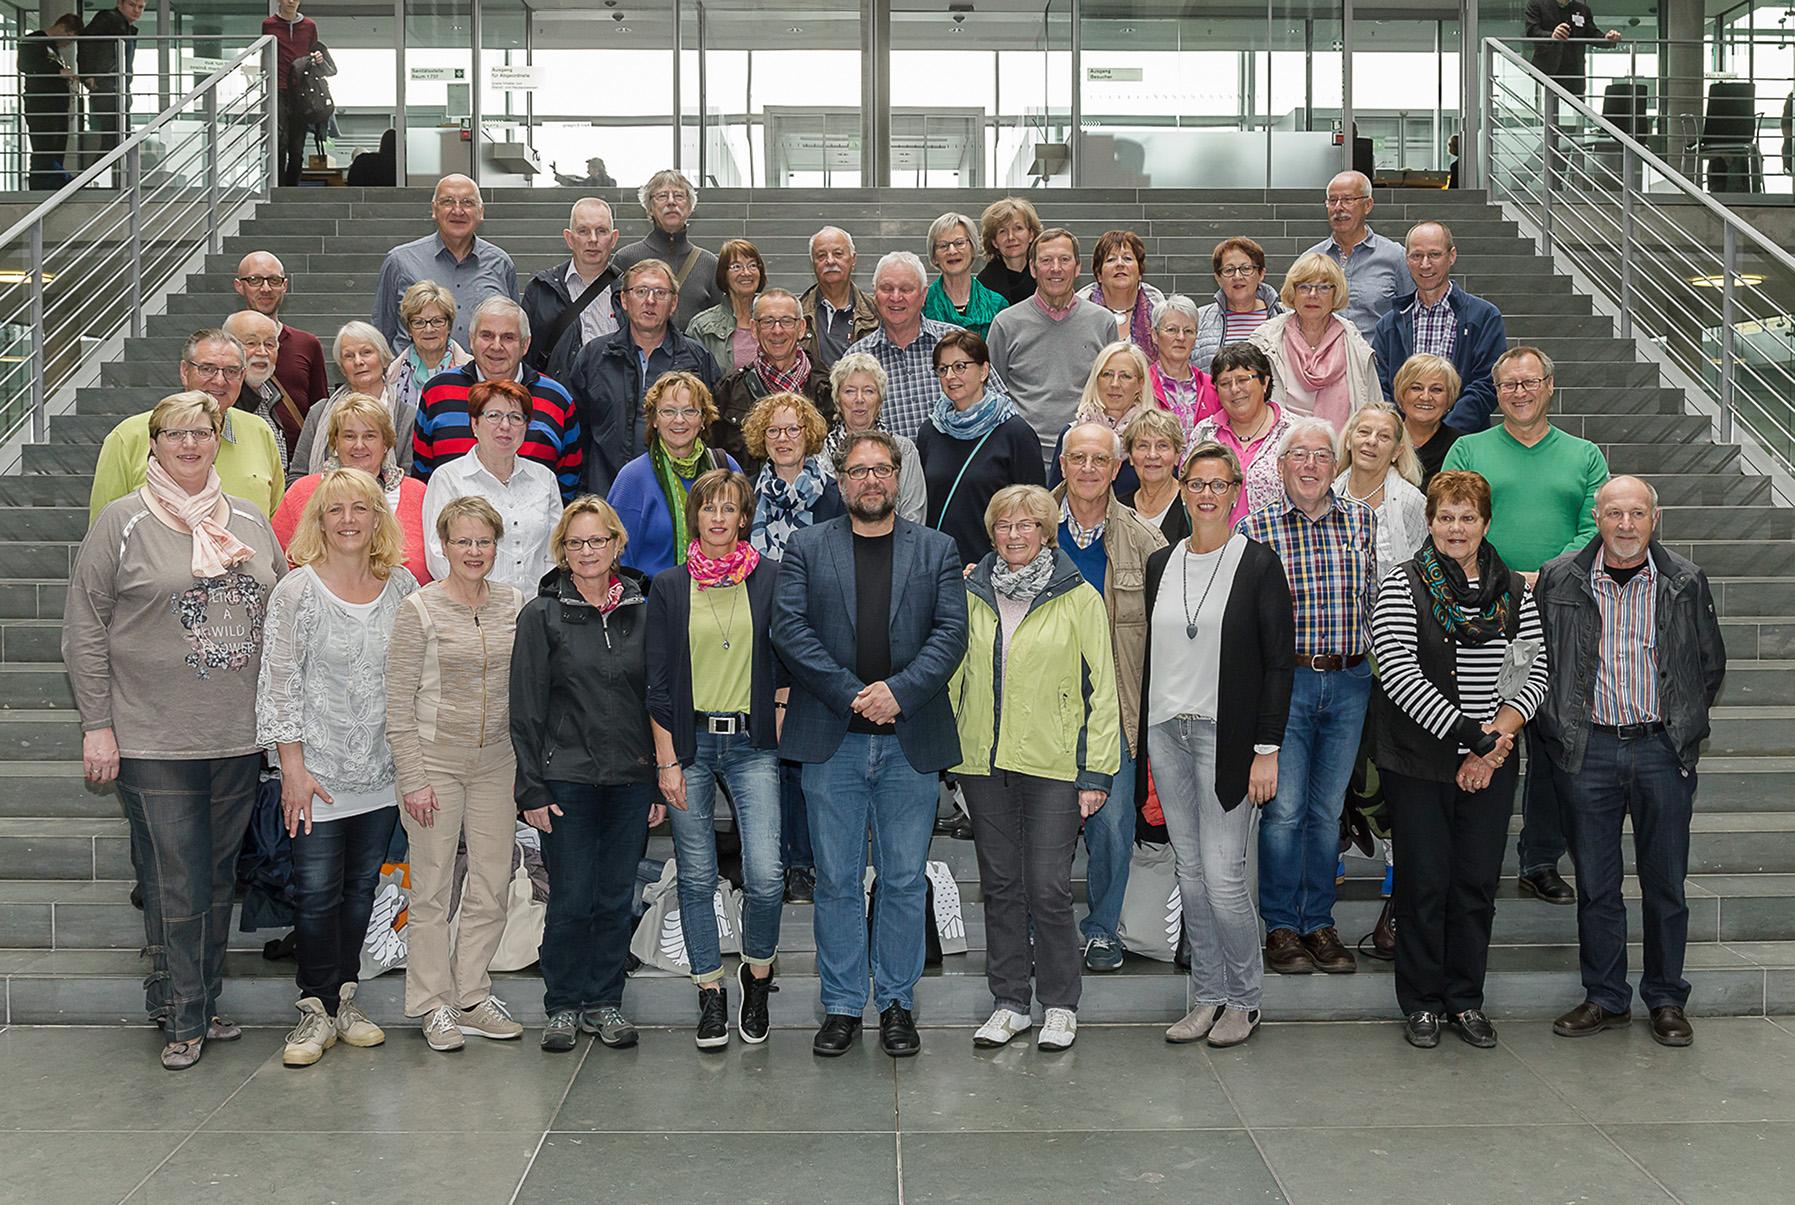 Die Teilnehmer*innen der BPA-Fahrt 'Geschichtstour' und ich